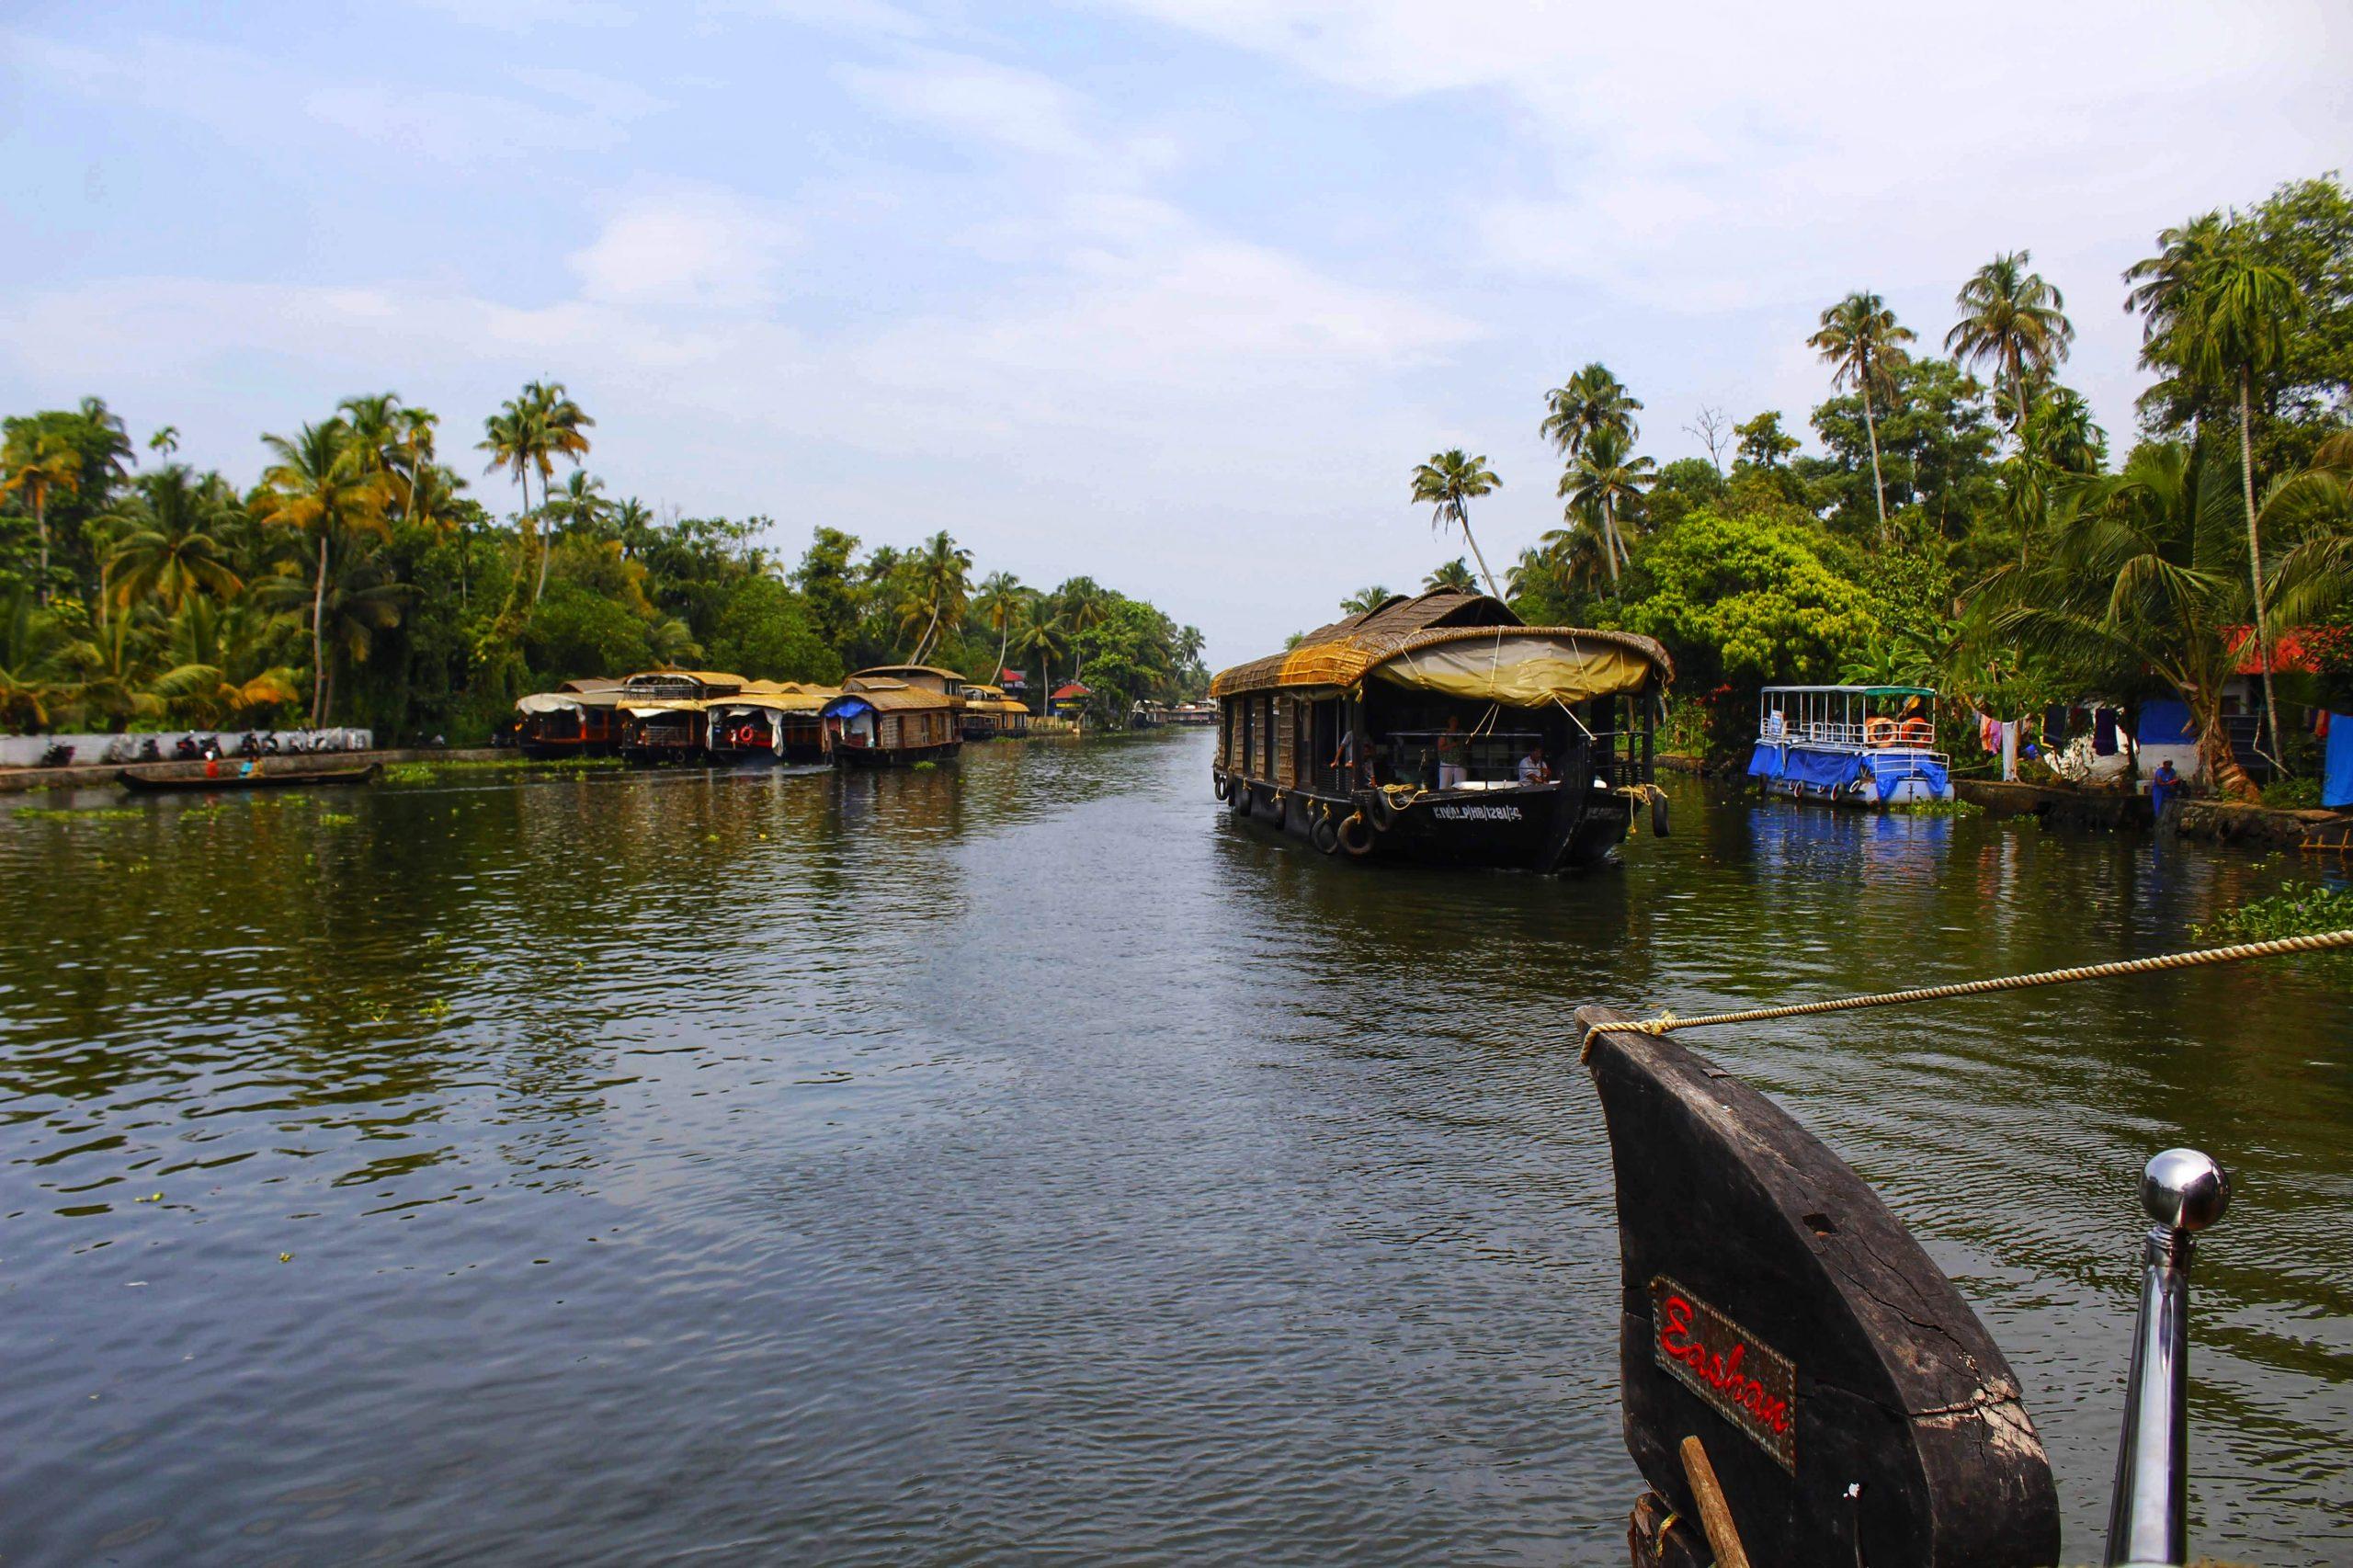 House boat in lake